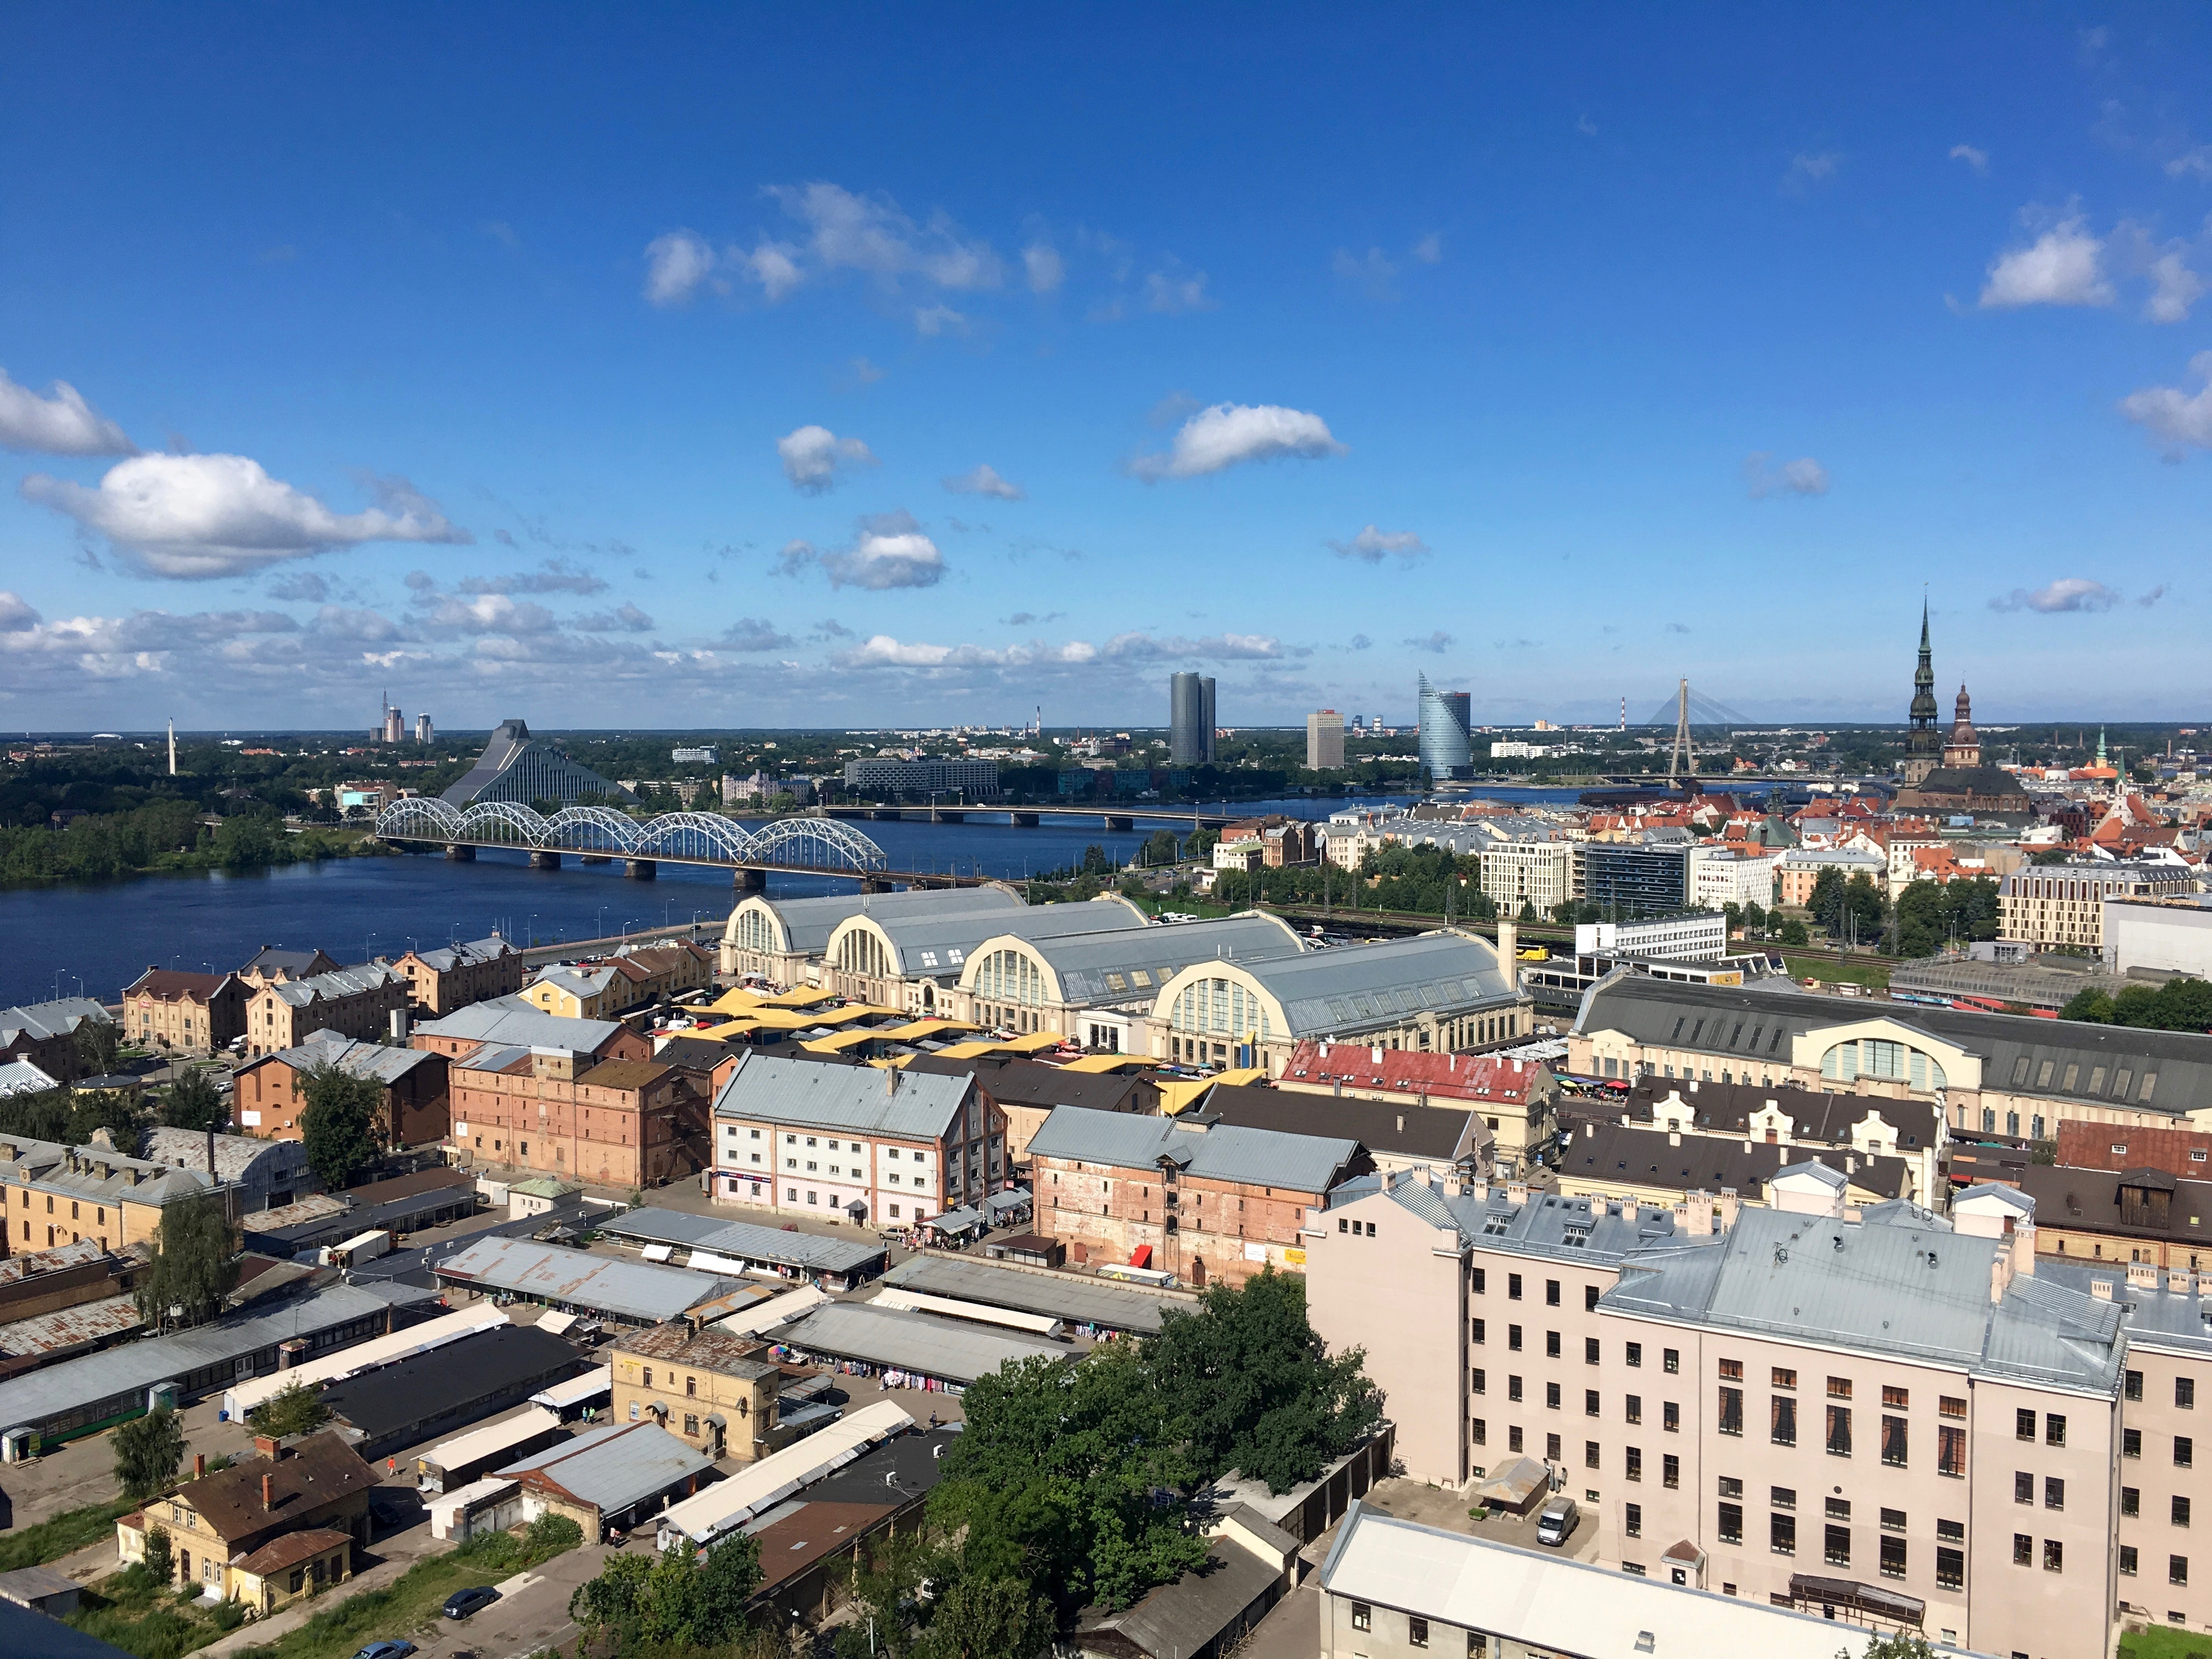 Reisetipps Riga: Blick auf den Zentralmarkt